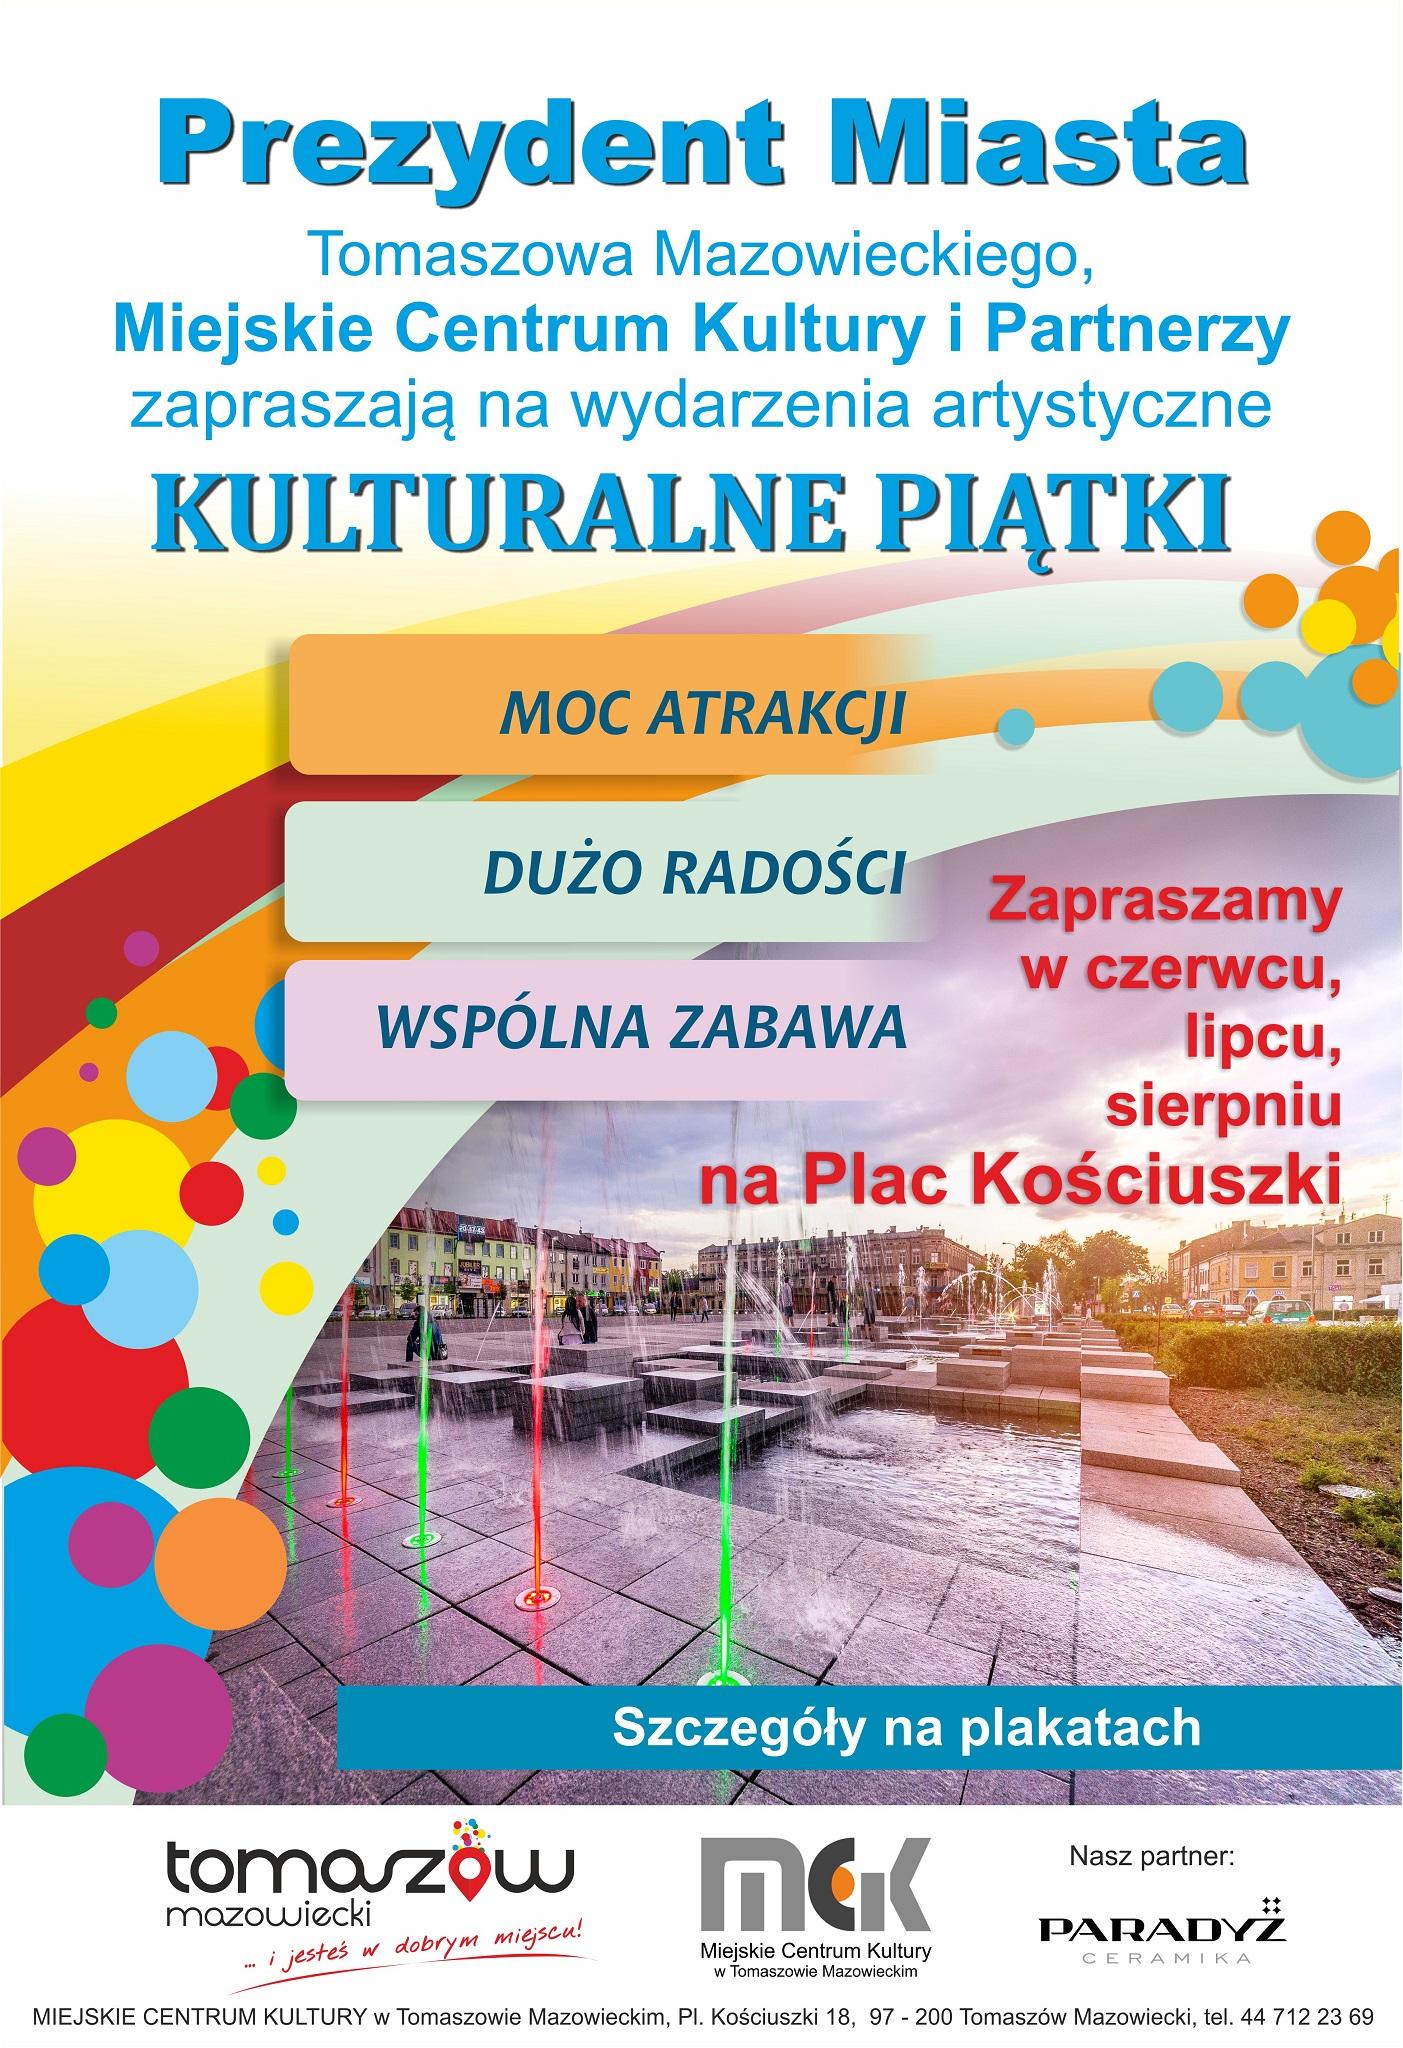 Plakat kulturalnych piatków